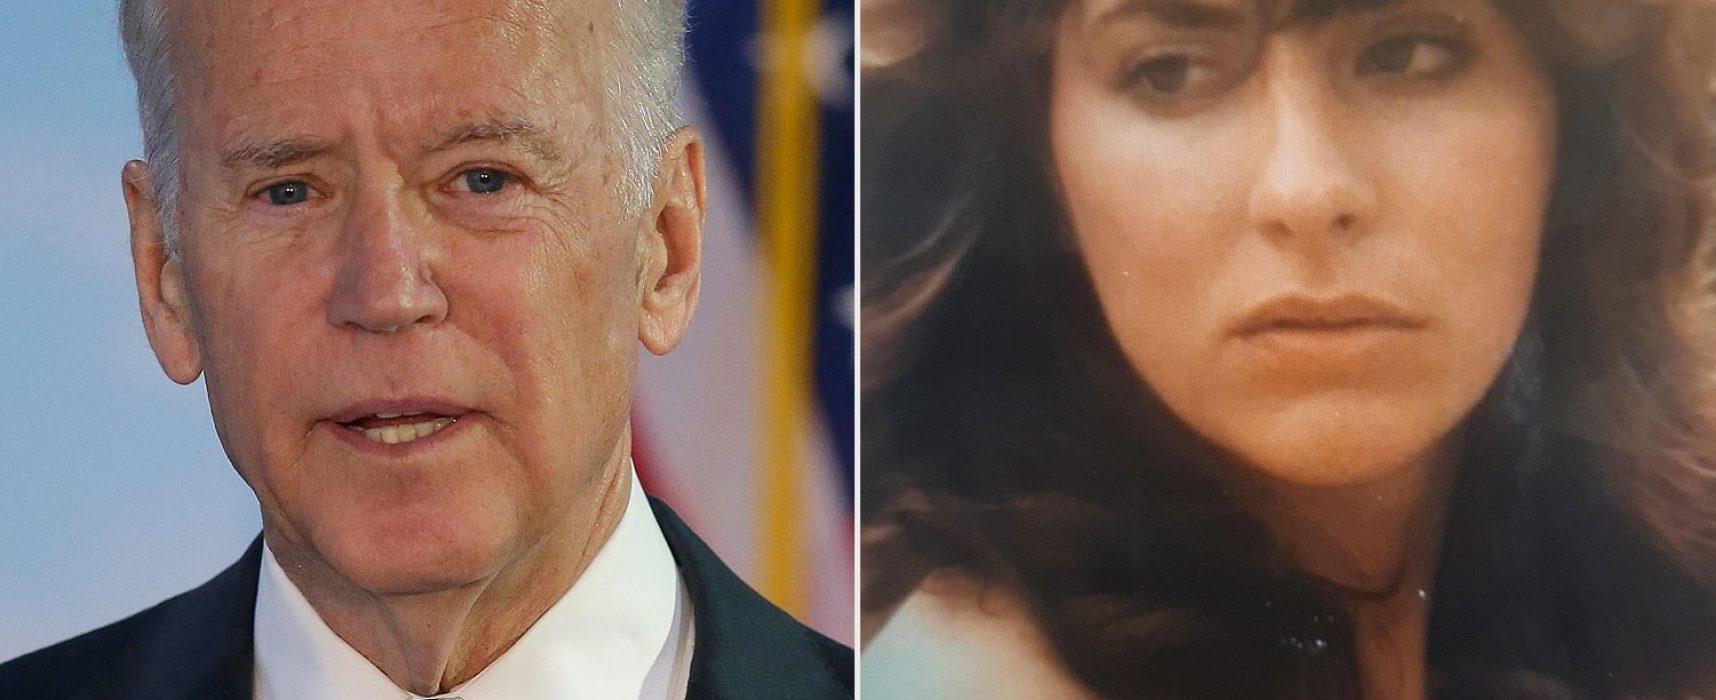 Фейк Першого каналу: американські ЗМІ замовчують звинувачення Байдена в сексуальних домаганнях